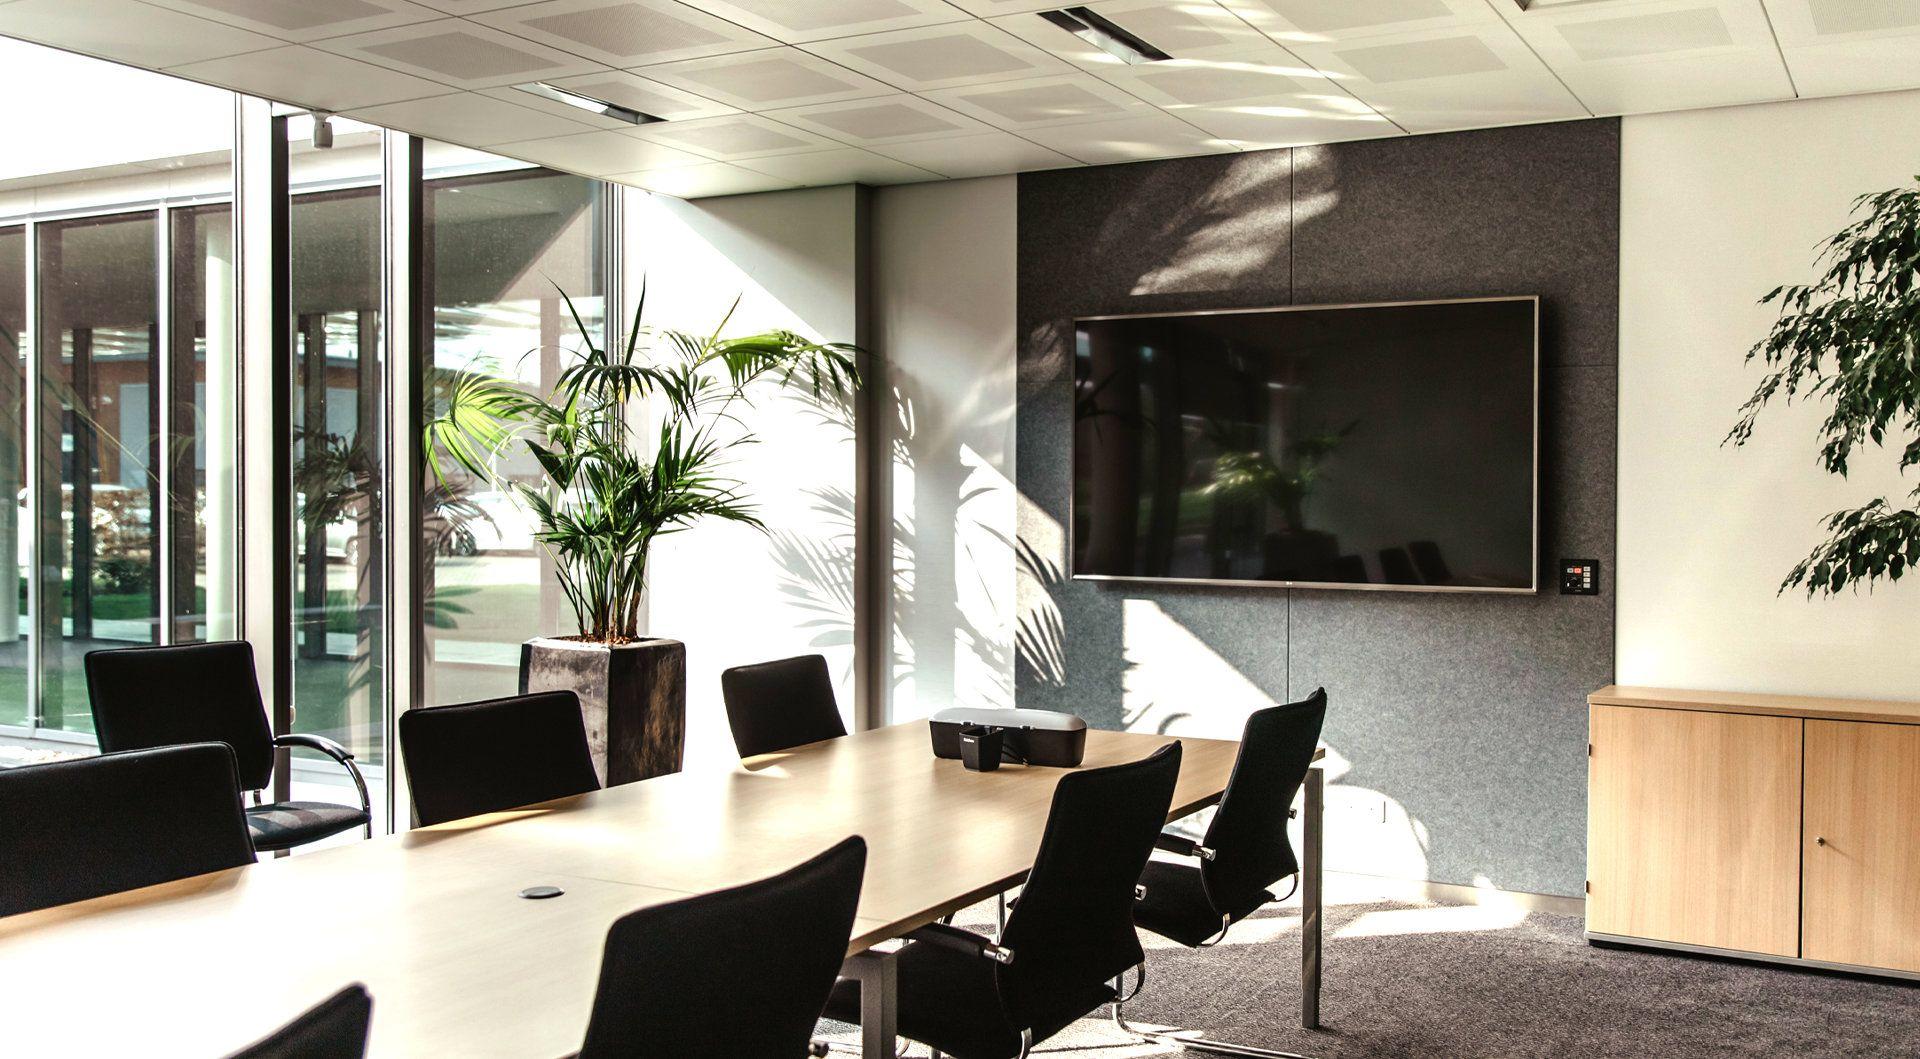 """Projecta HomeScreen Deluxe projectiescherm 4,01 m (158"""") 16:9 - Case studie de vries"""